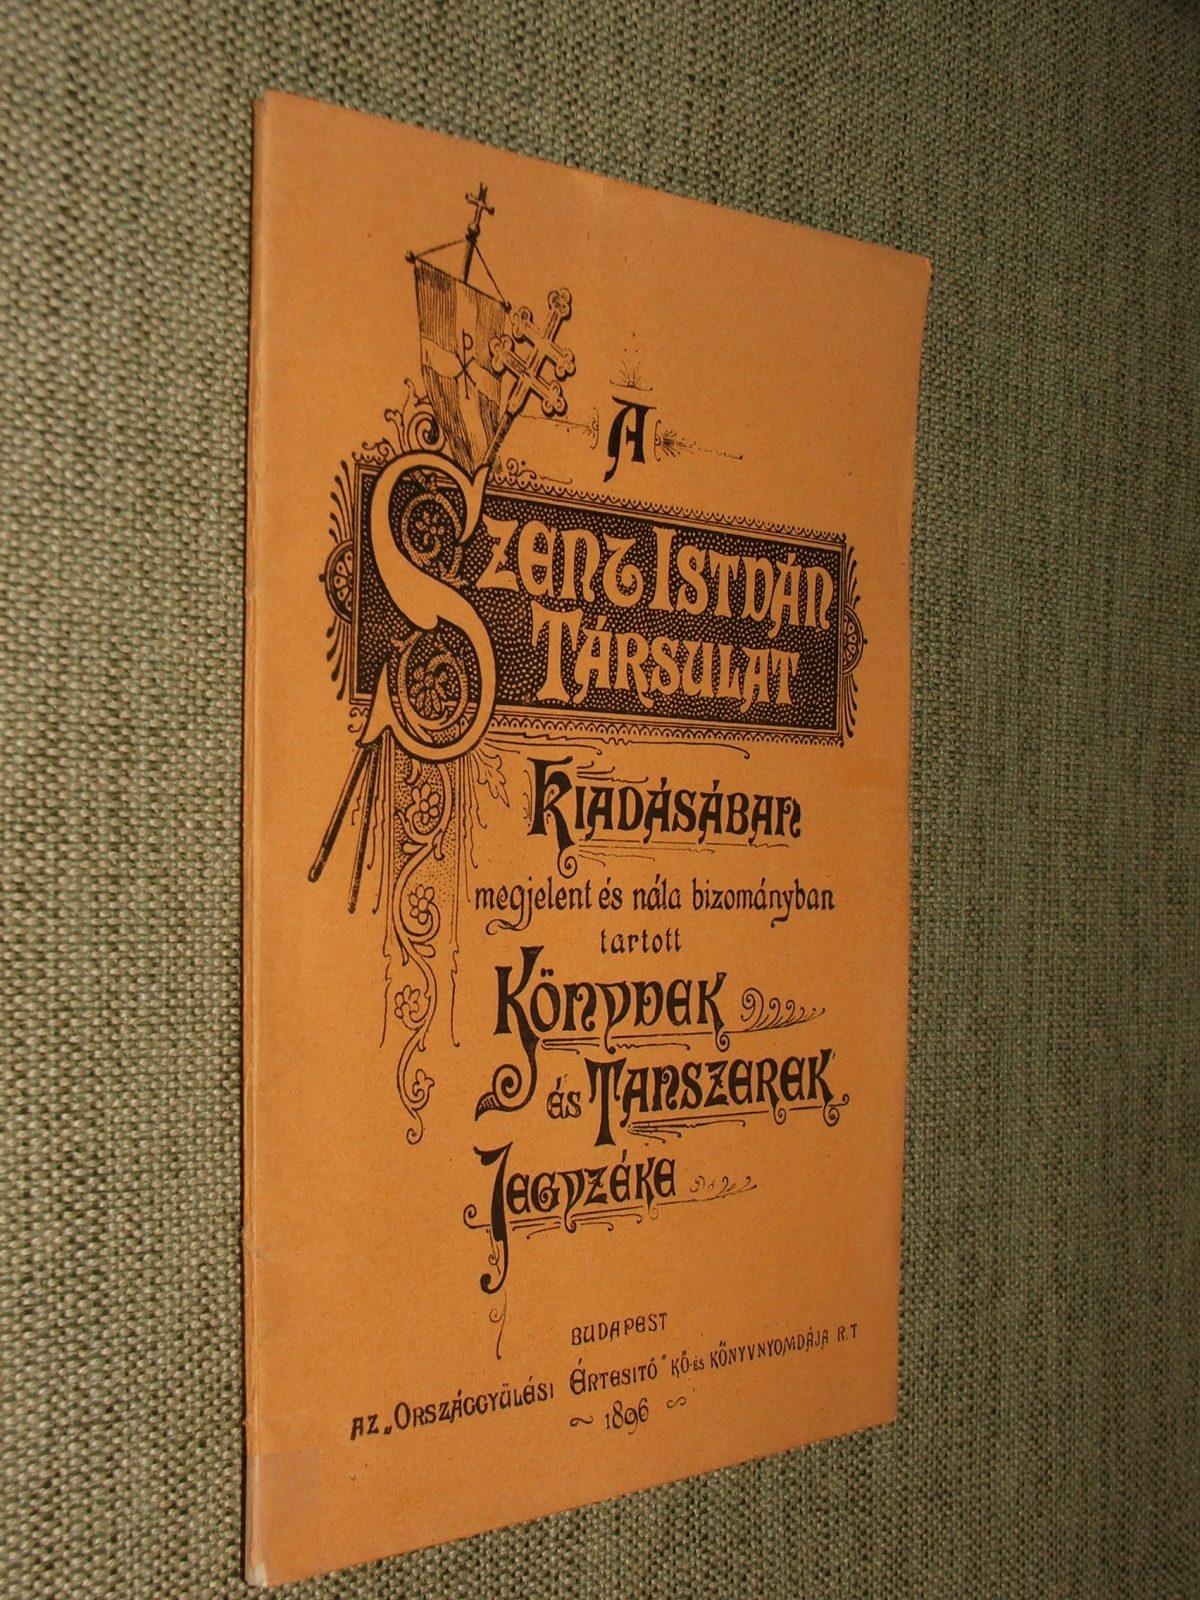 Jegyzéke a Szent-István-Társulat kiadásában megjelent és nála bizományban tartott könyvek – és tanszereknek, melyek a Szent-István-Társulat ügynökségénél: Budapest IV., Királyi Pál – utcza 13. sz. alatt kaphatók.